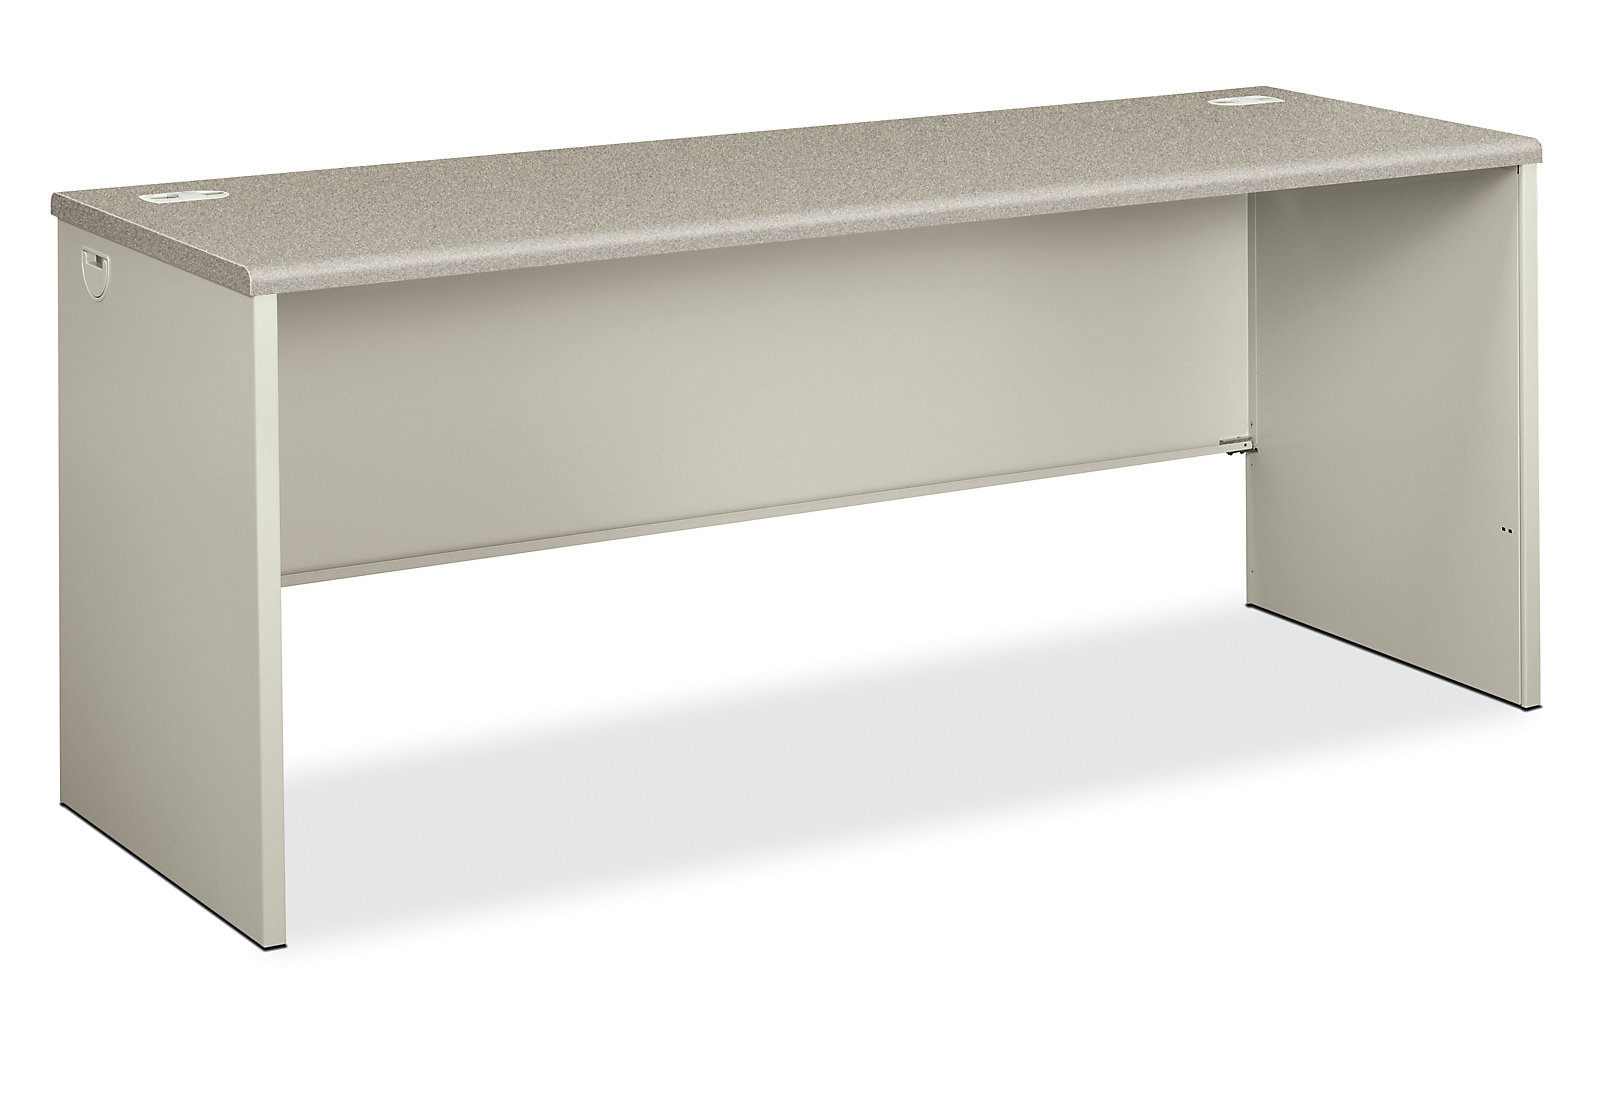 Smallumlarge Hon 38000 Series Desk